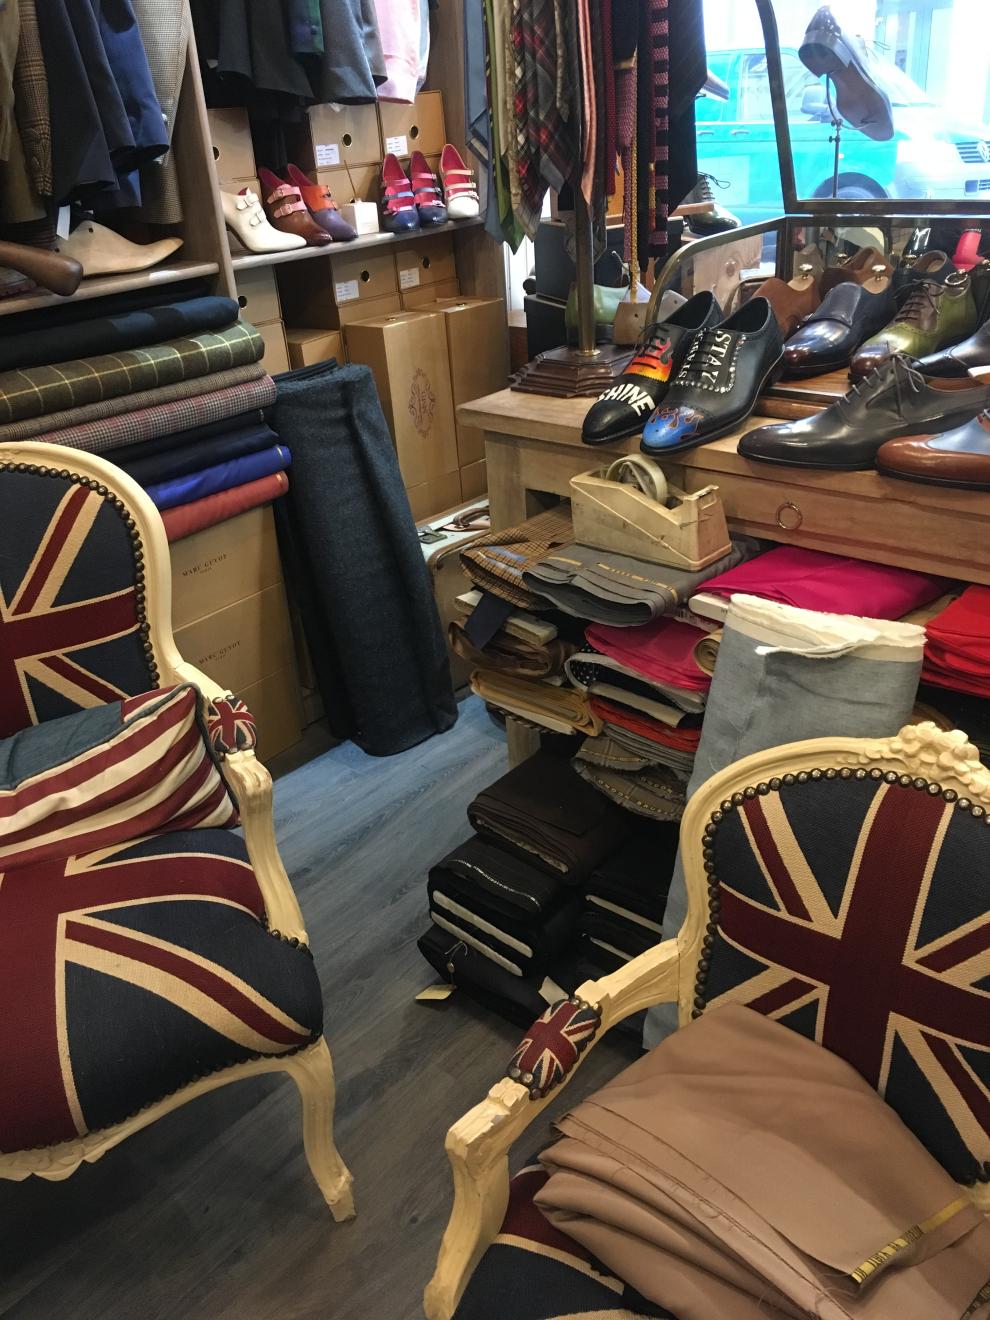 Le mobilier de la boutique invite à s'assoir autour d'un brandy pour discuter les mérites comparés des fabricants de lin irlandais, de tweed écossais...